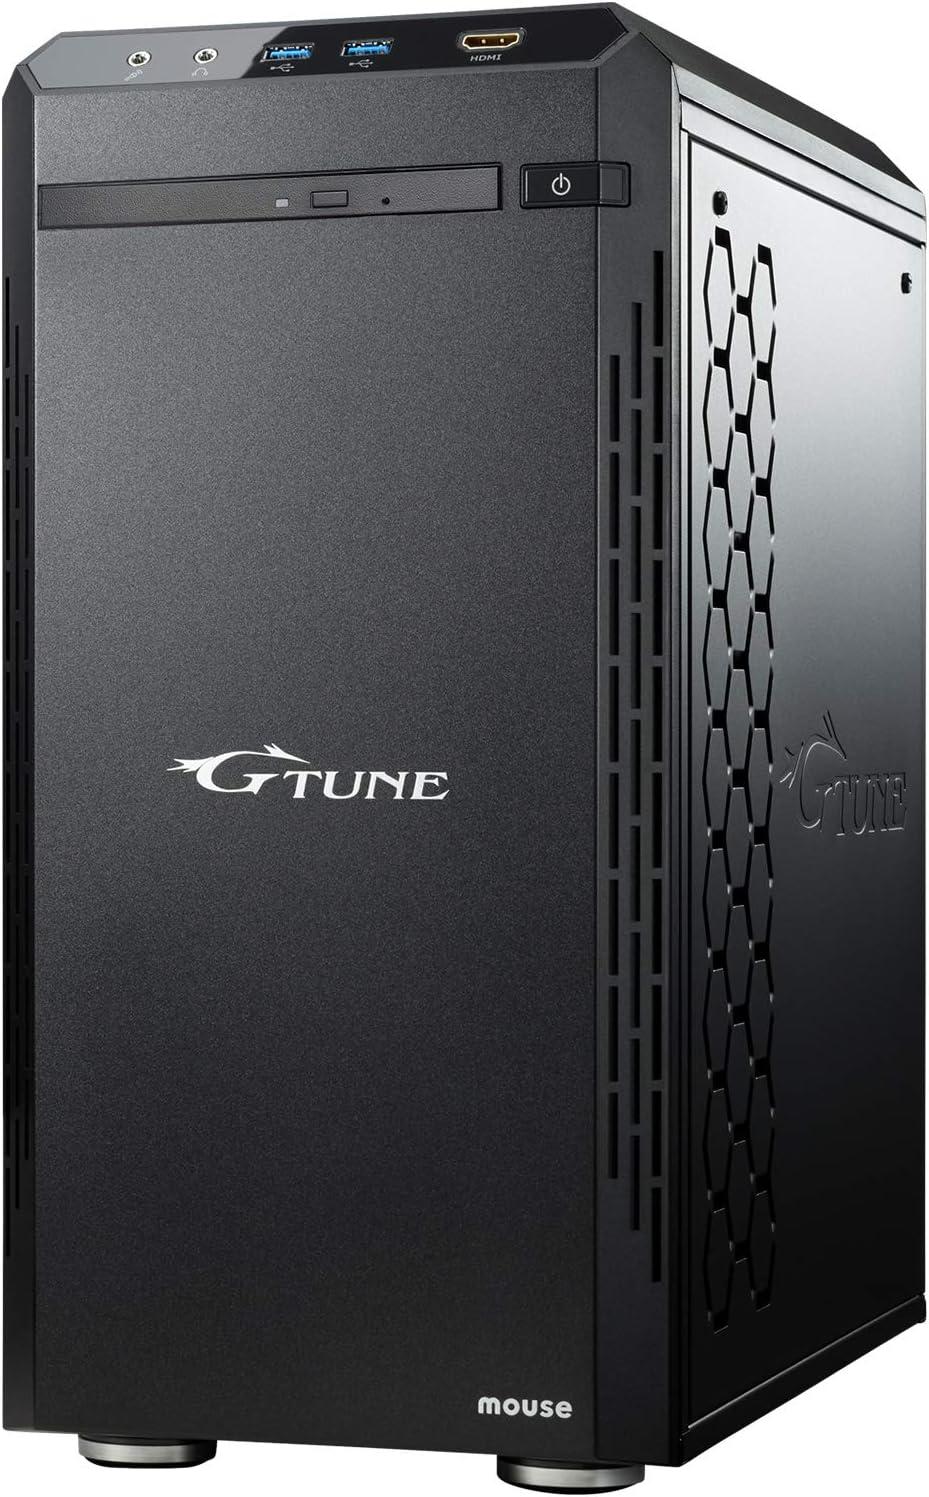 マウスコンピューター『G-Tune(NM-S711SHR6SZI)』